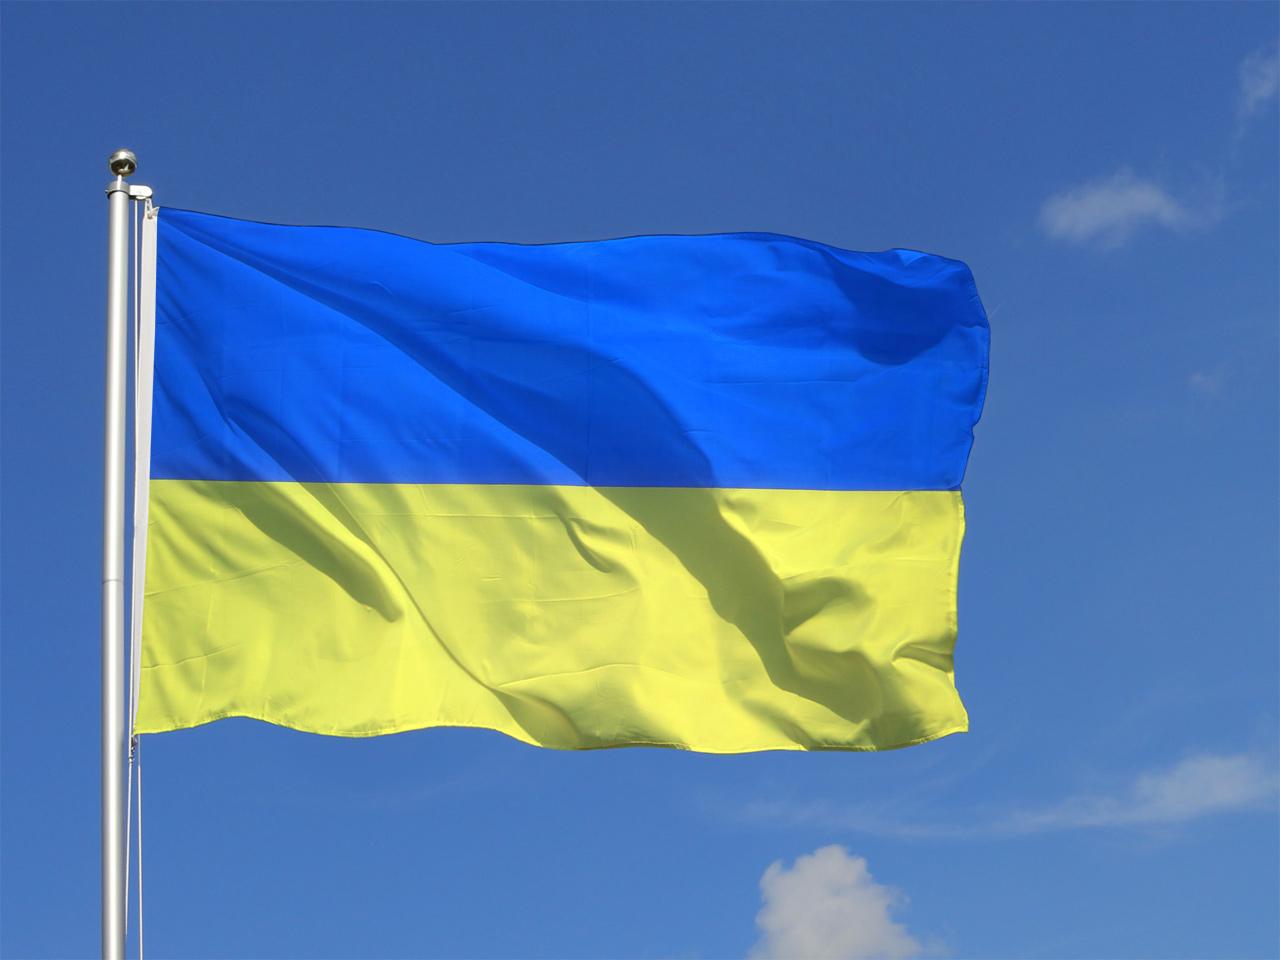 этого флаг украина картинки в хорошем качестве геймплеем топовых польских